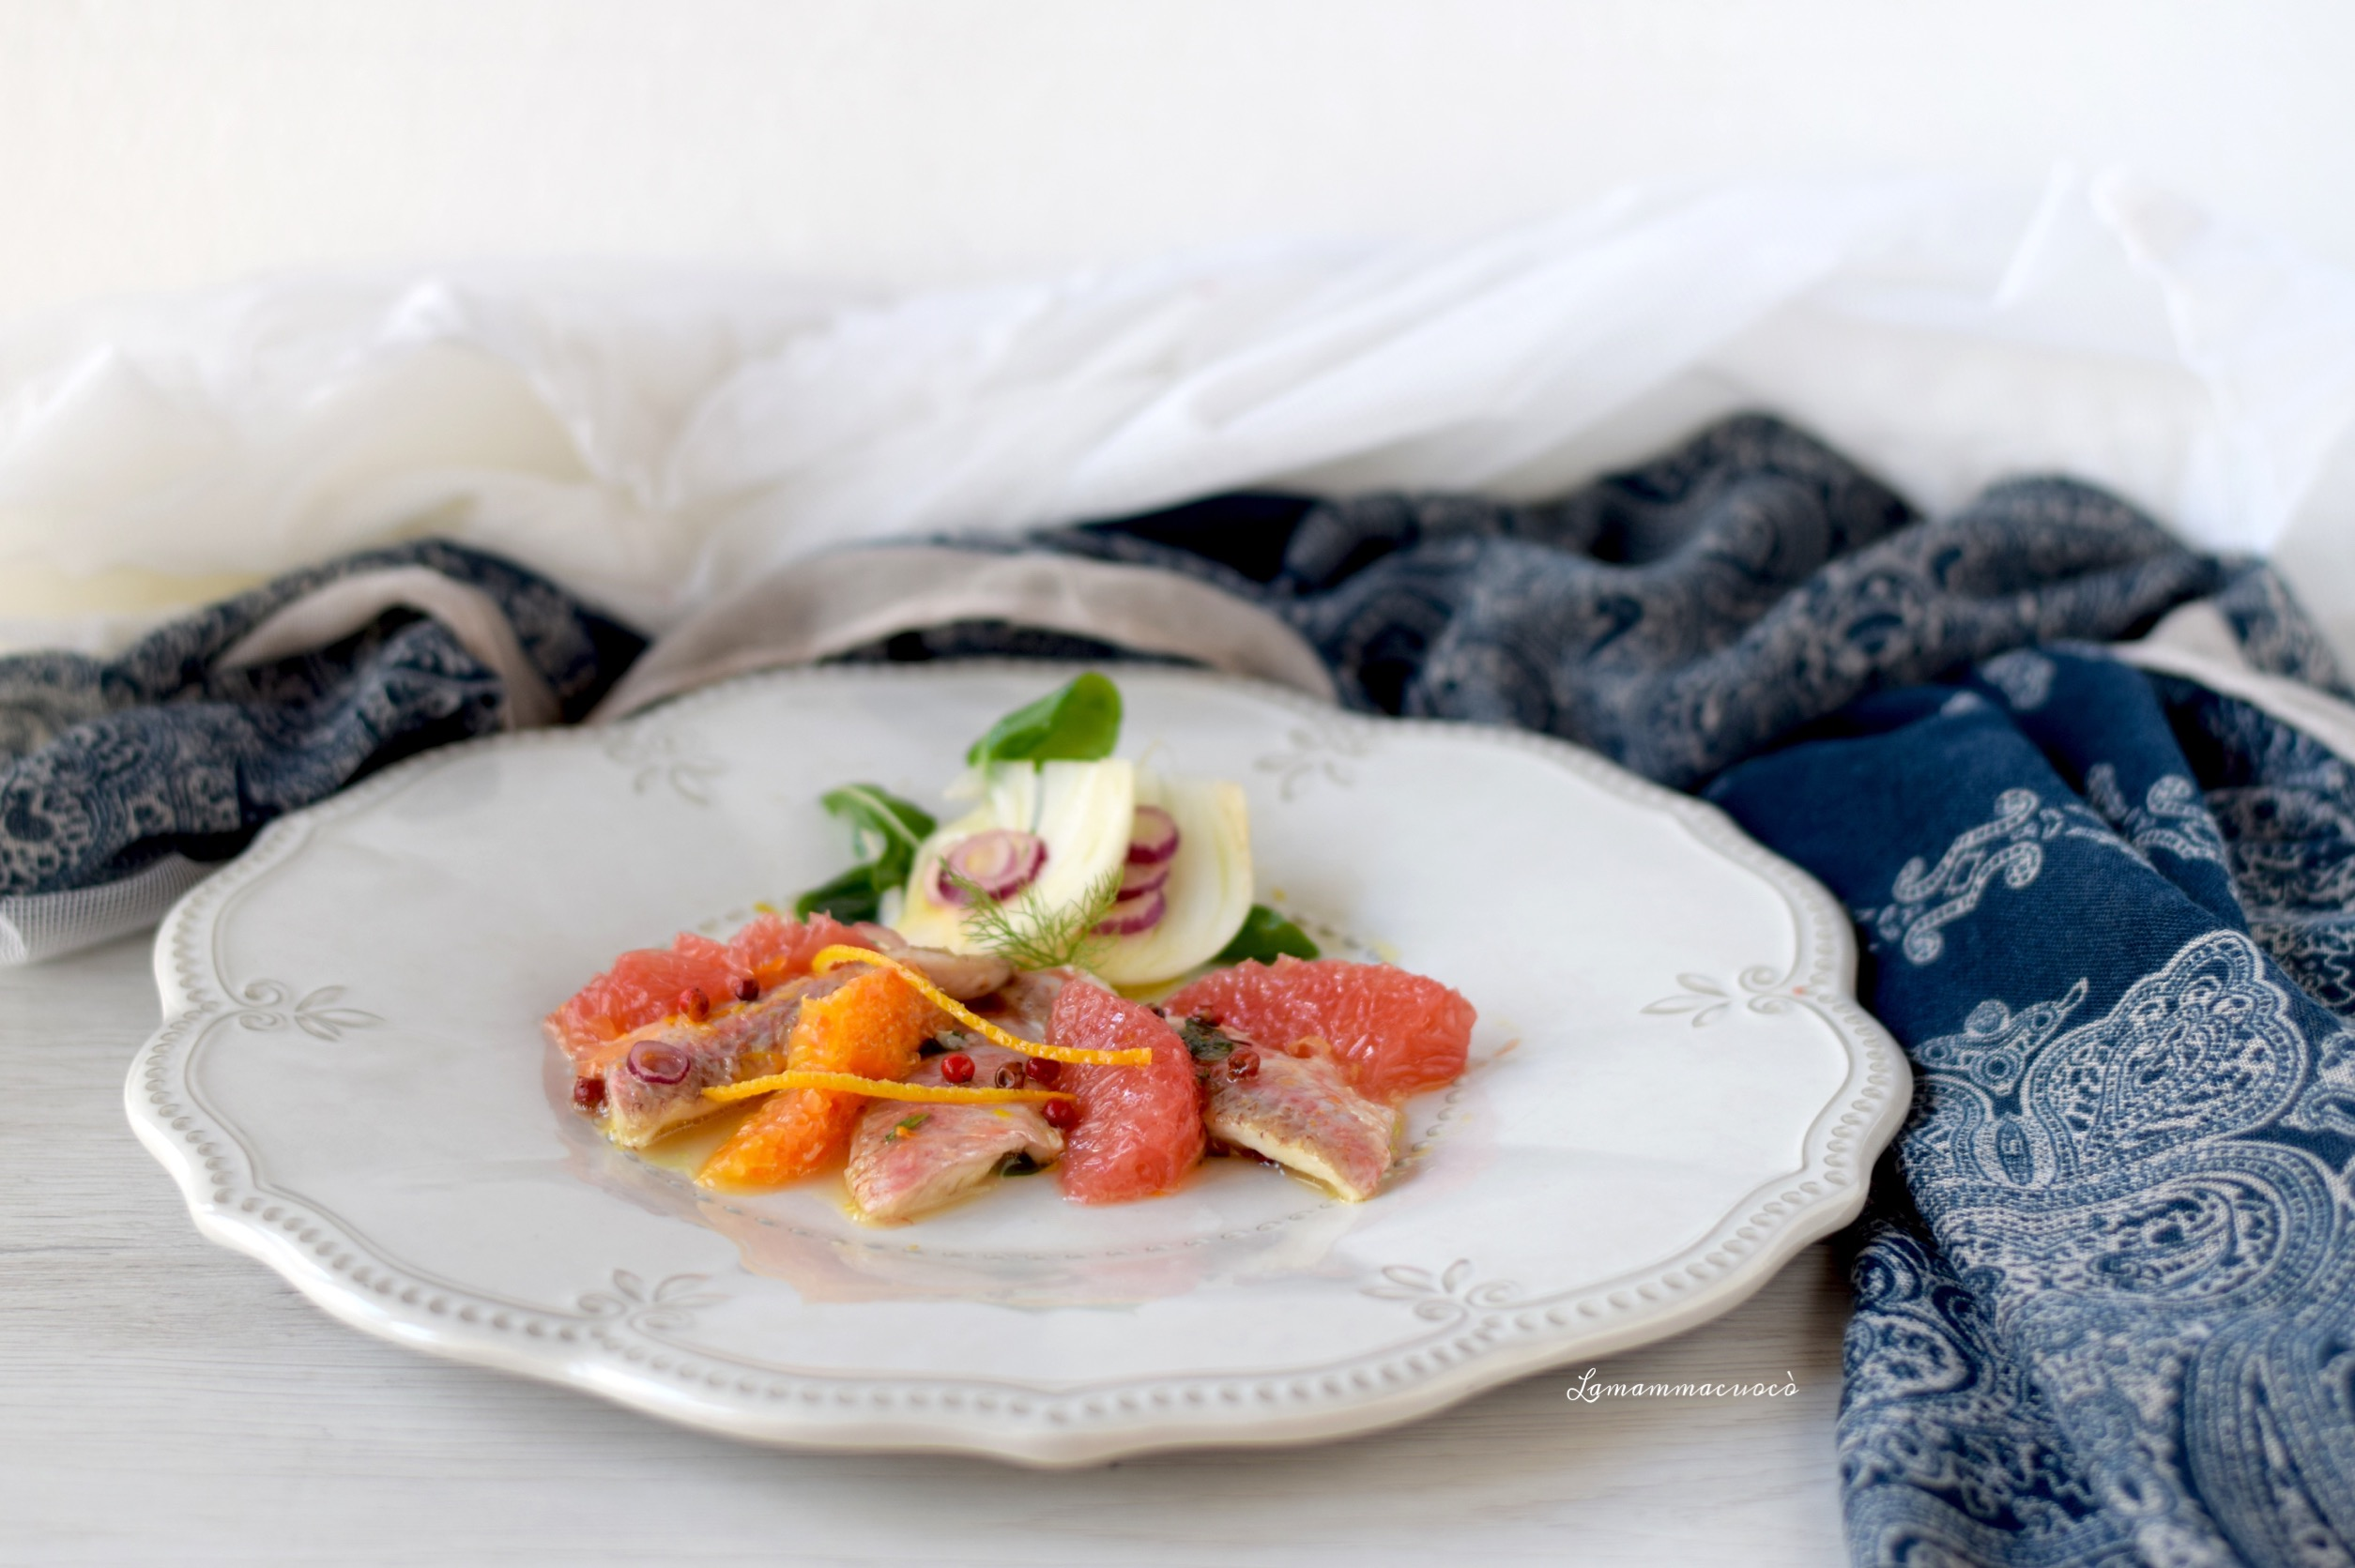 Triglie marinate arancia limone e pompelmo con finocchi e pepe rosa